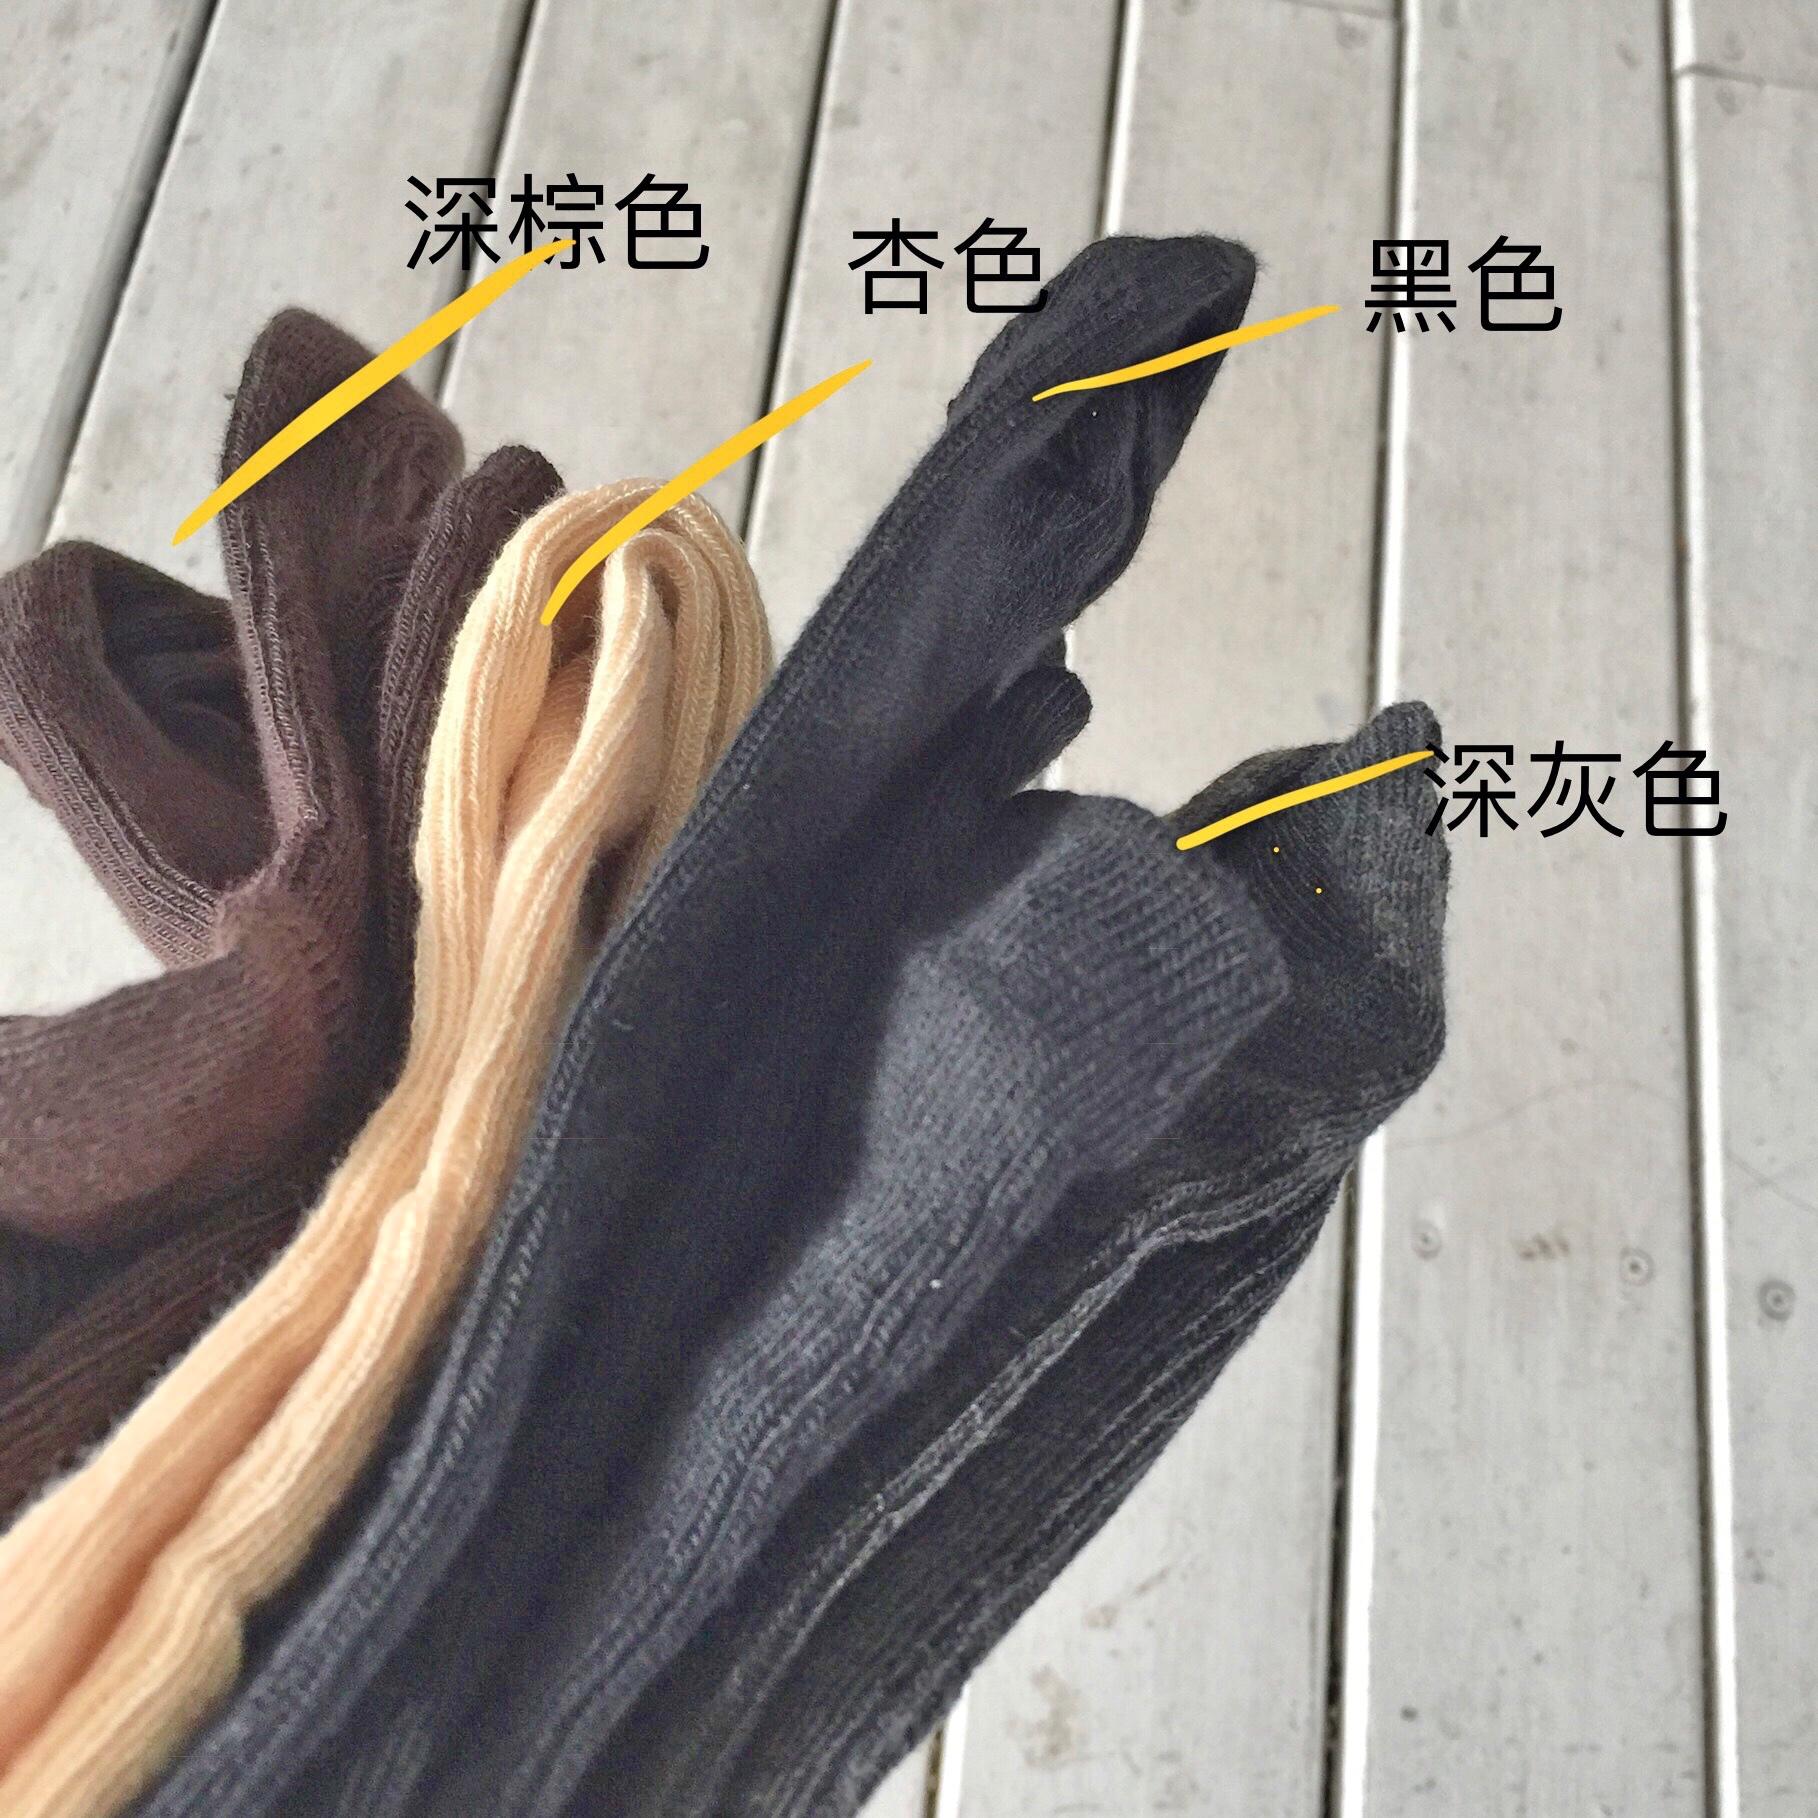 地瓜oppa福利买三赠一 纯色百搭多色四季可穿堆堆袜子女中筒袜潮